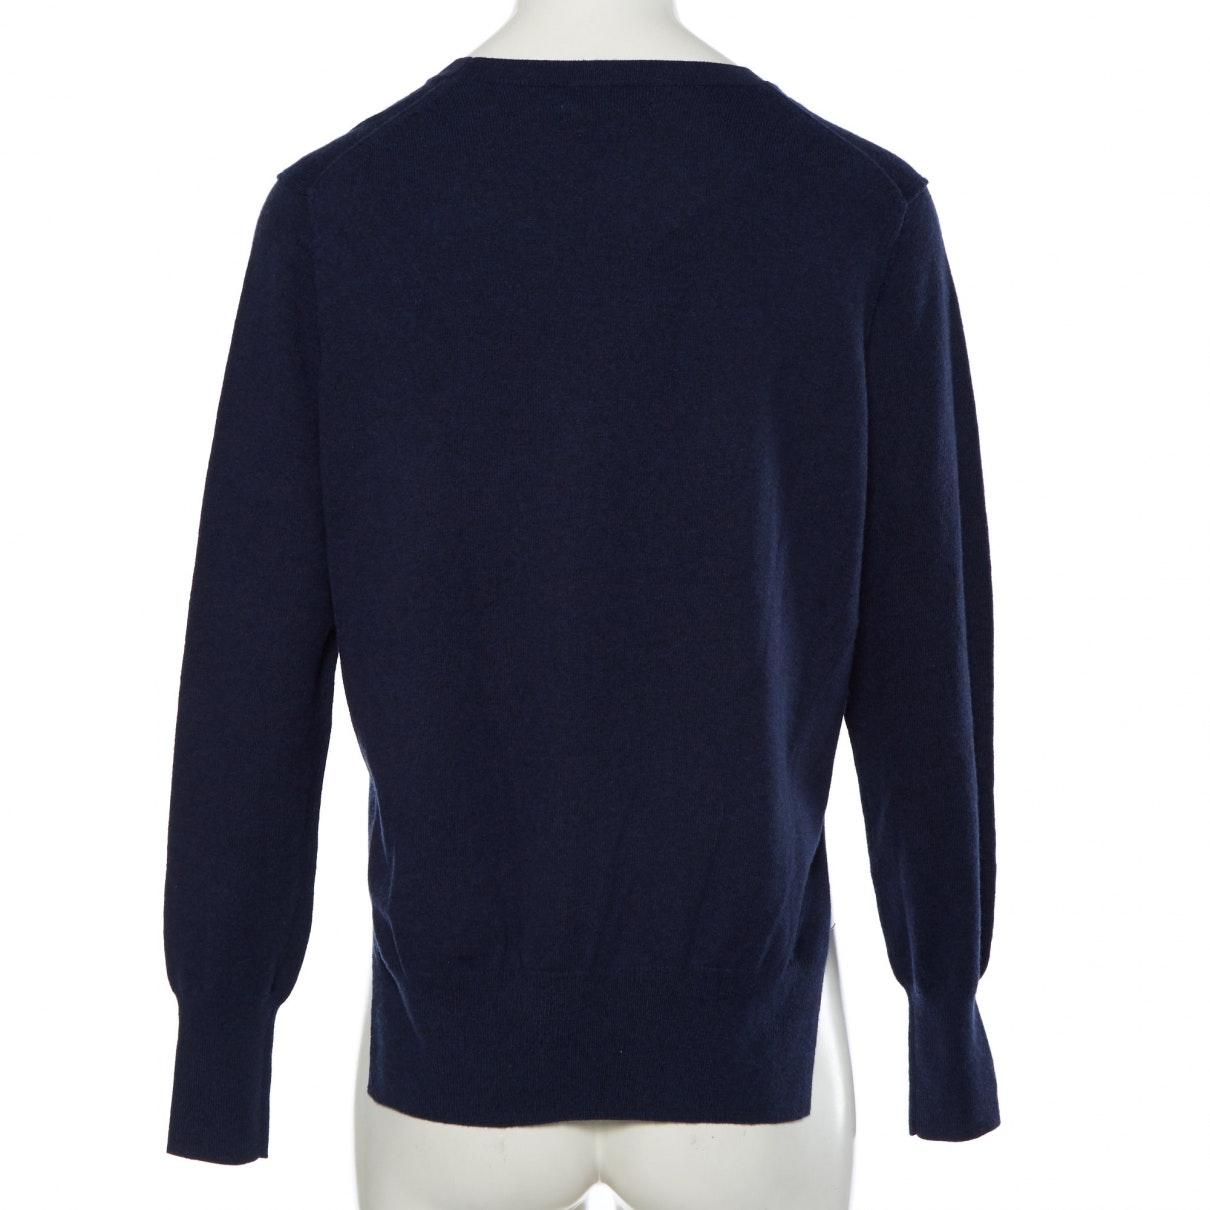 Pull.Gilets en Coton Marine Coton Étoile Isabel Marant en coloris Bleu